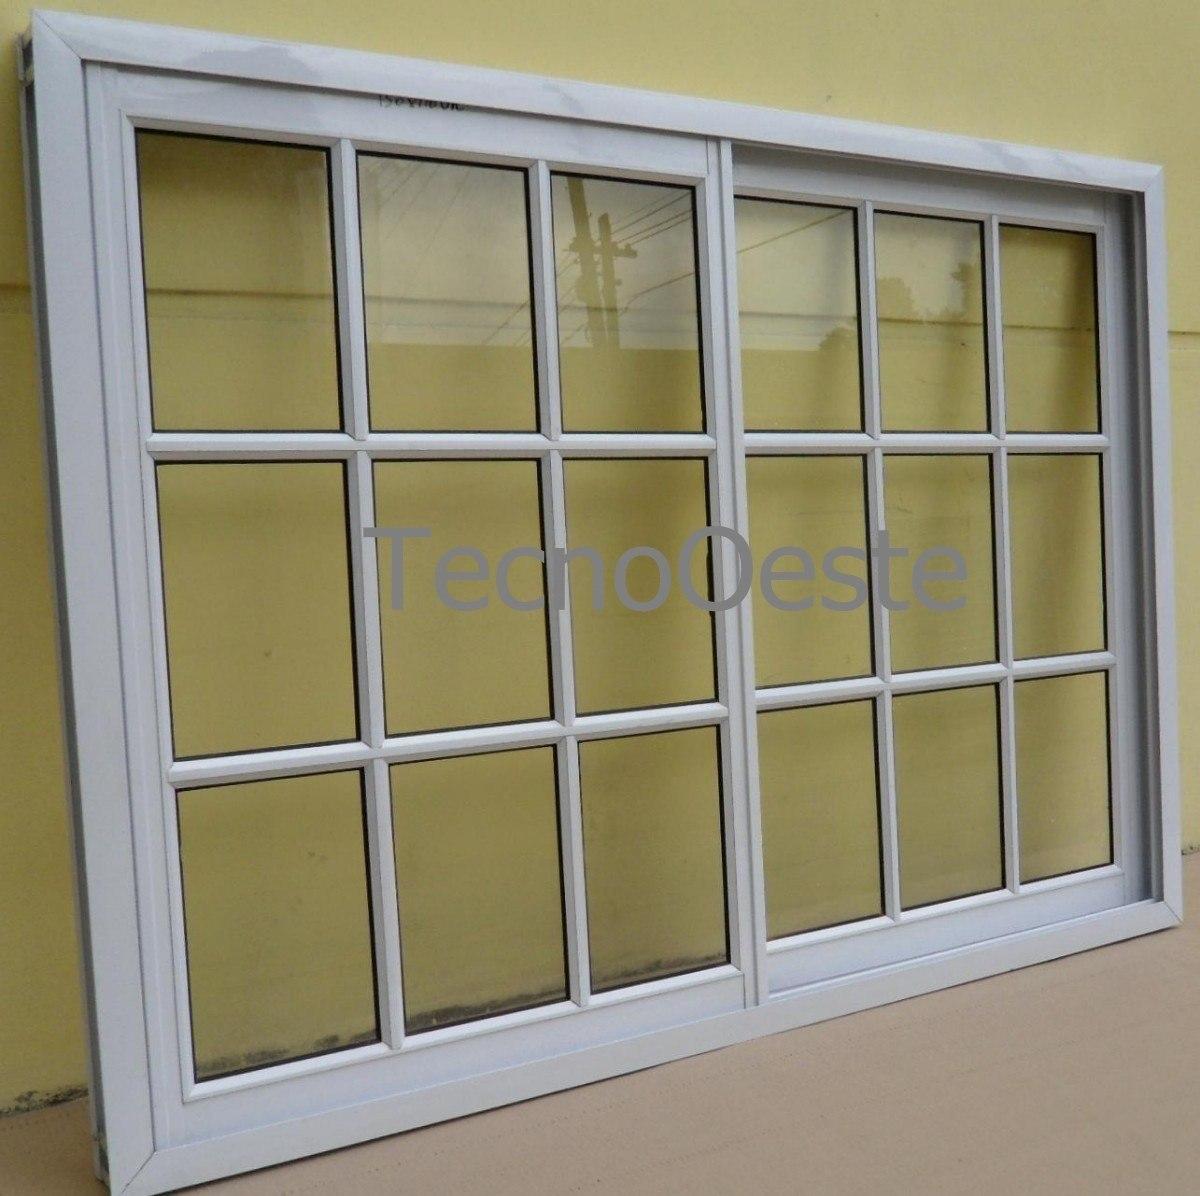 cuanto cuesta una ventana de aluminio cool instalar